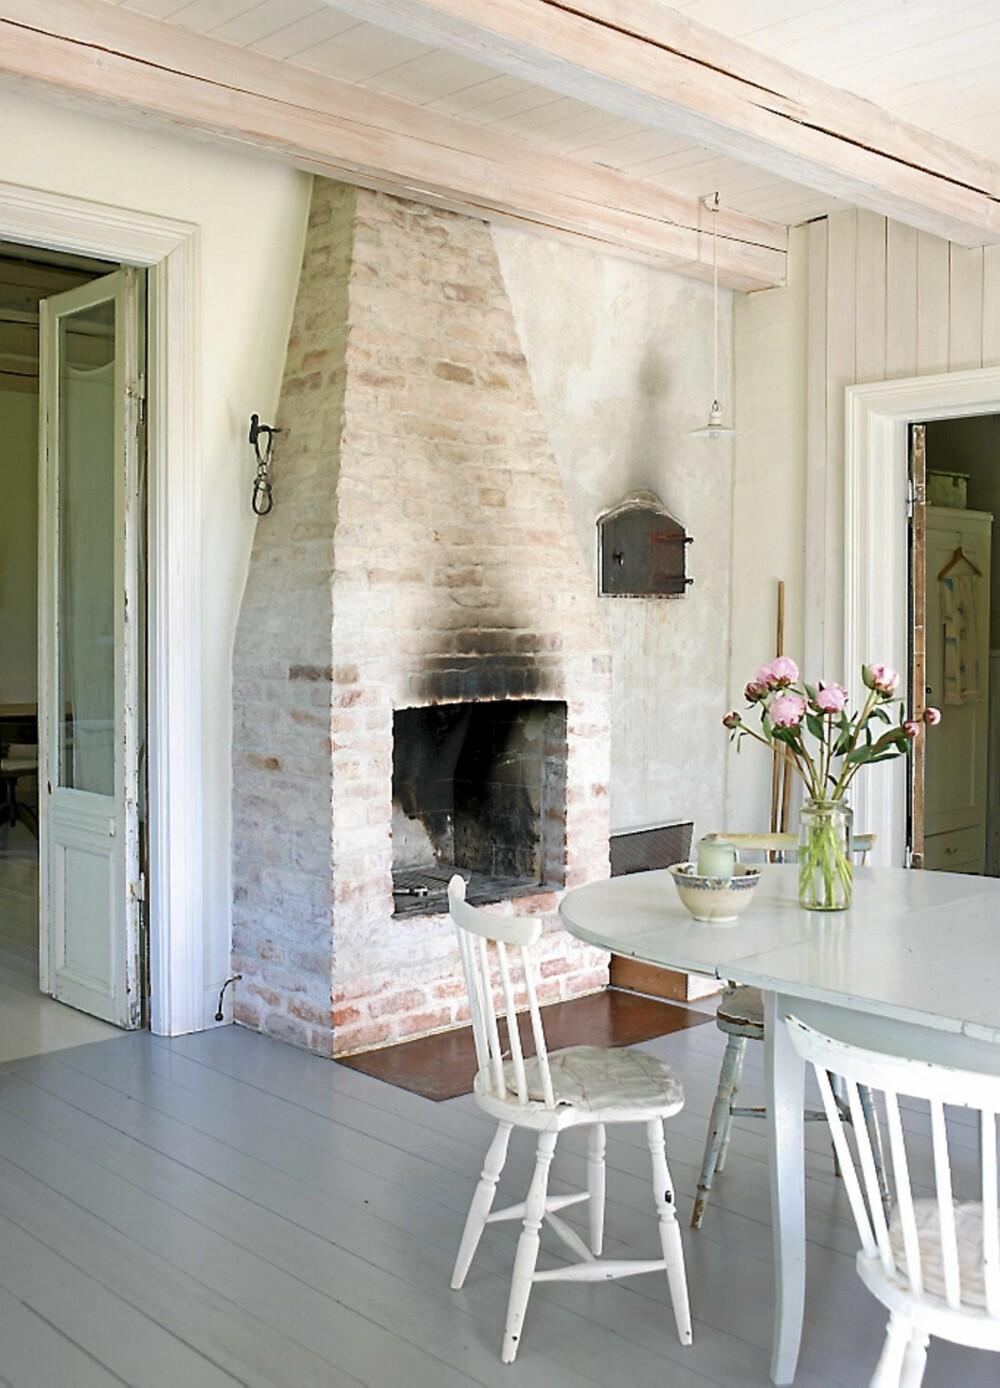 VARMESTED: Den store murstein peisen er mørtlet. Bordet er funnet på loppemarked, det samme er stolene rundt og alle er forskjellige. Døren til høyre fører inn til stuen.